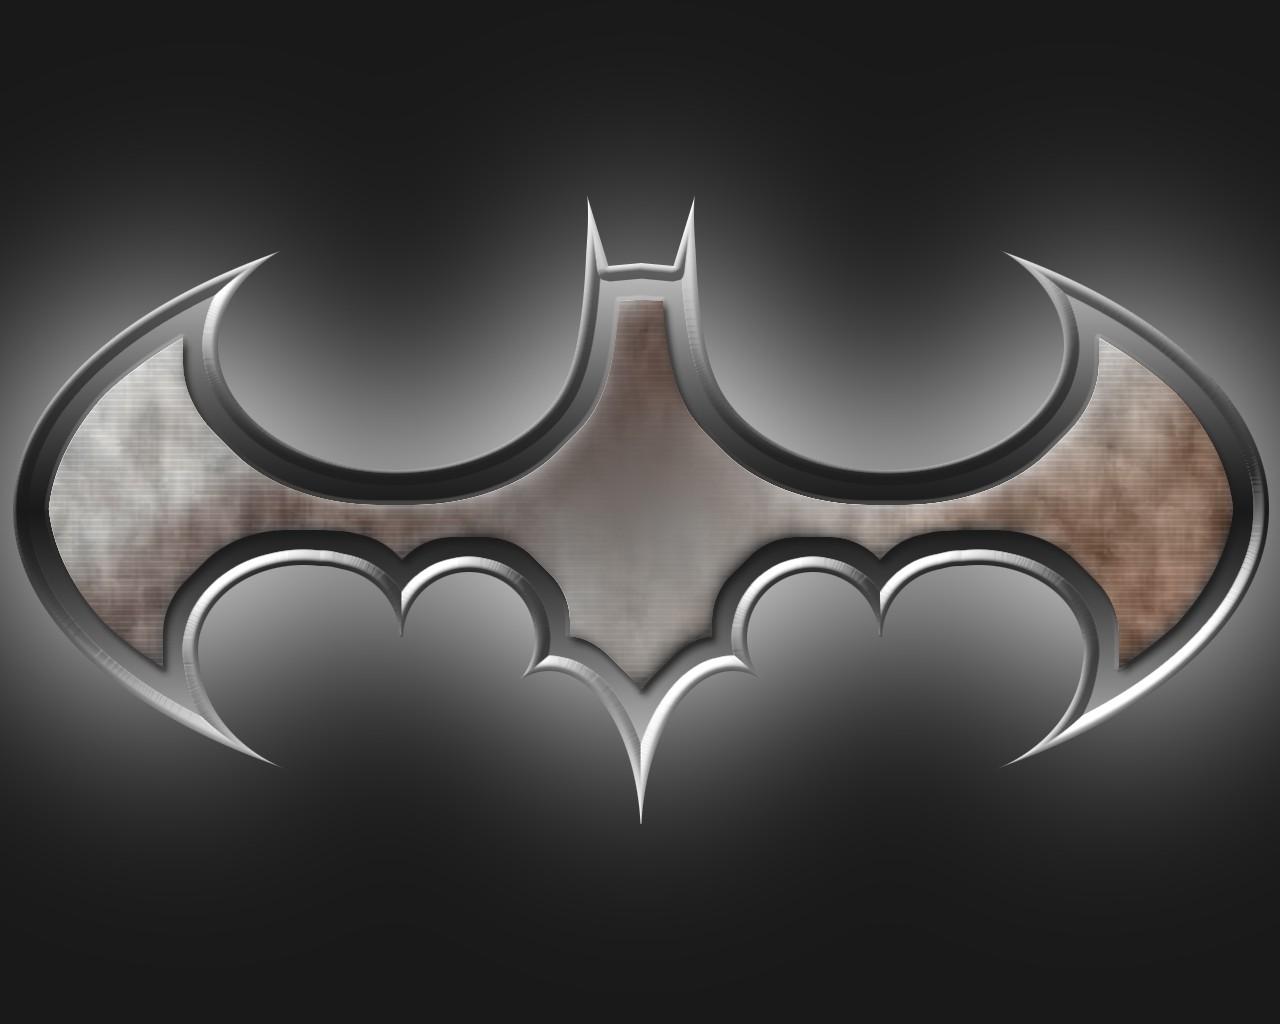 http://1.bp.blogspot.com/_9NA3eH4VZzA/SvcDHdTaRYI/AAAAAAAABME/K-CtawCrTyM/s1600/batman+logo+wallpaper+06.jpg